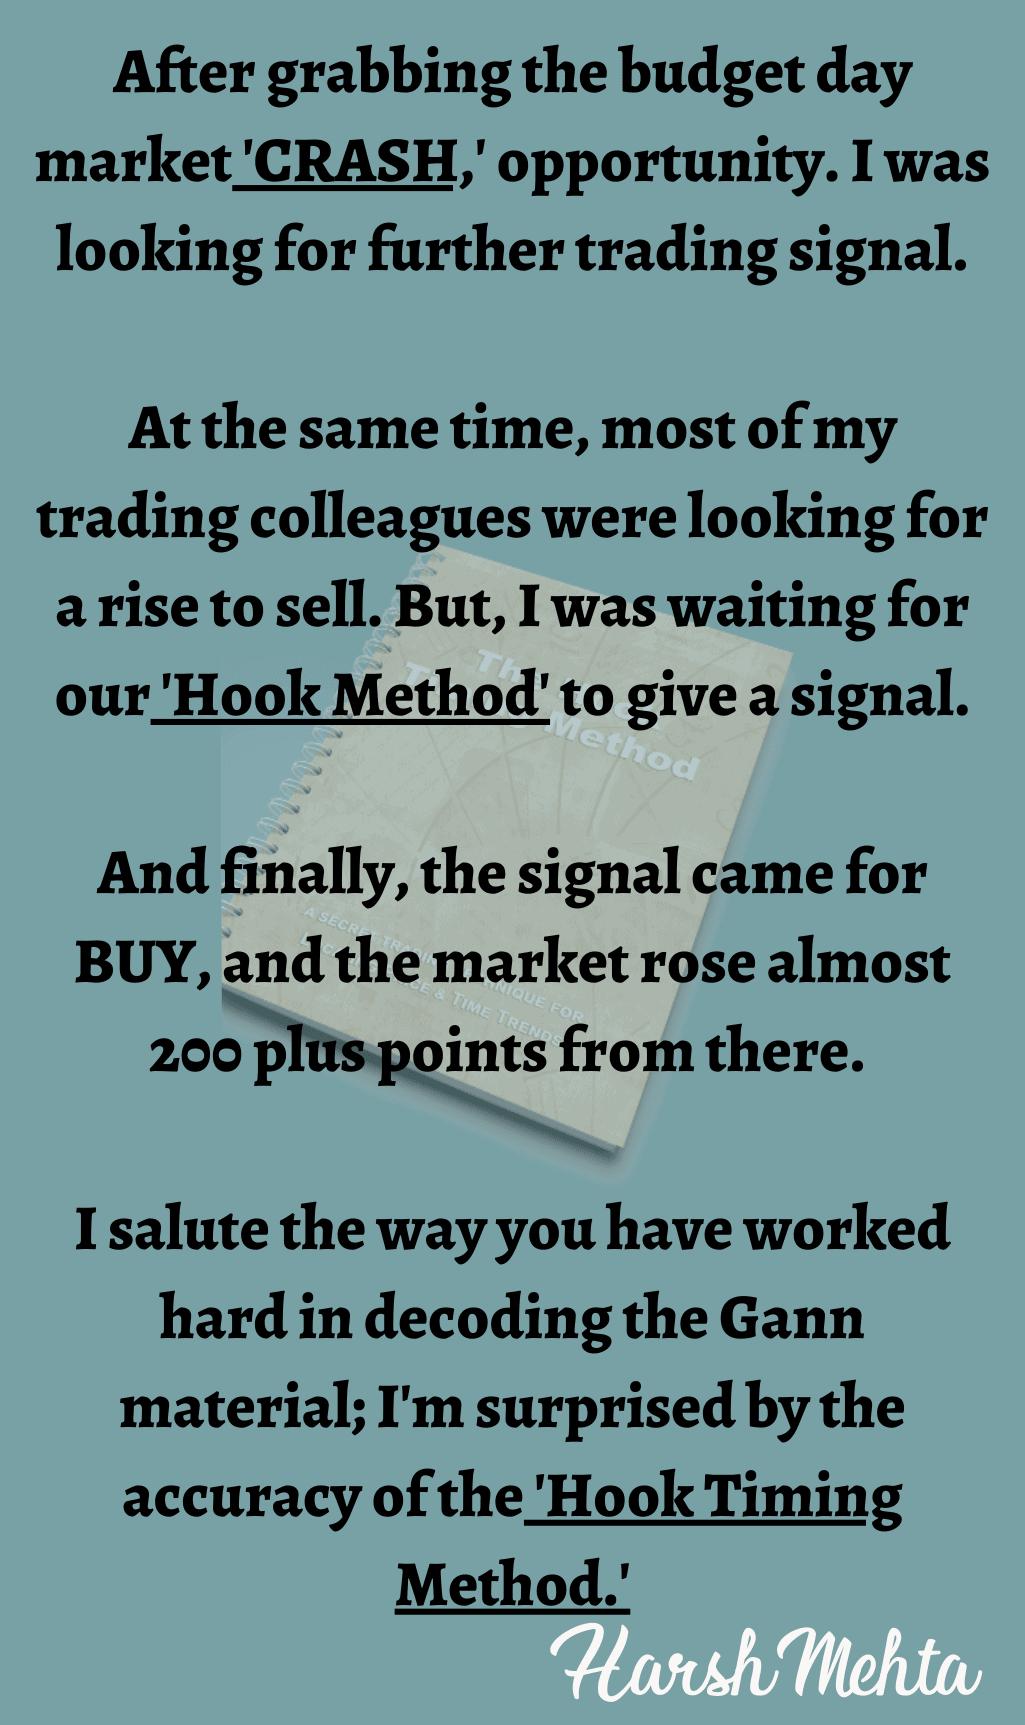 Hook Timing Method Testimonial